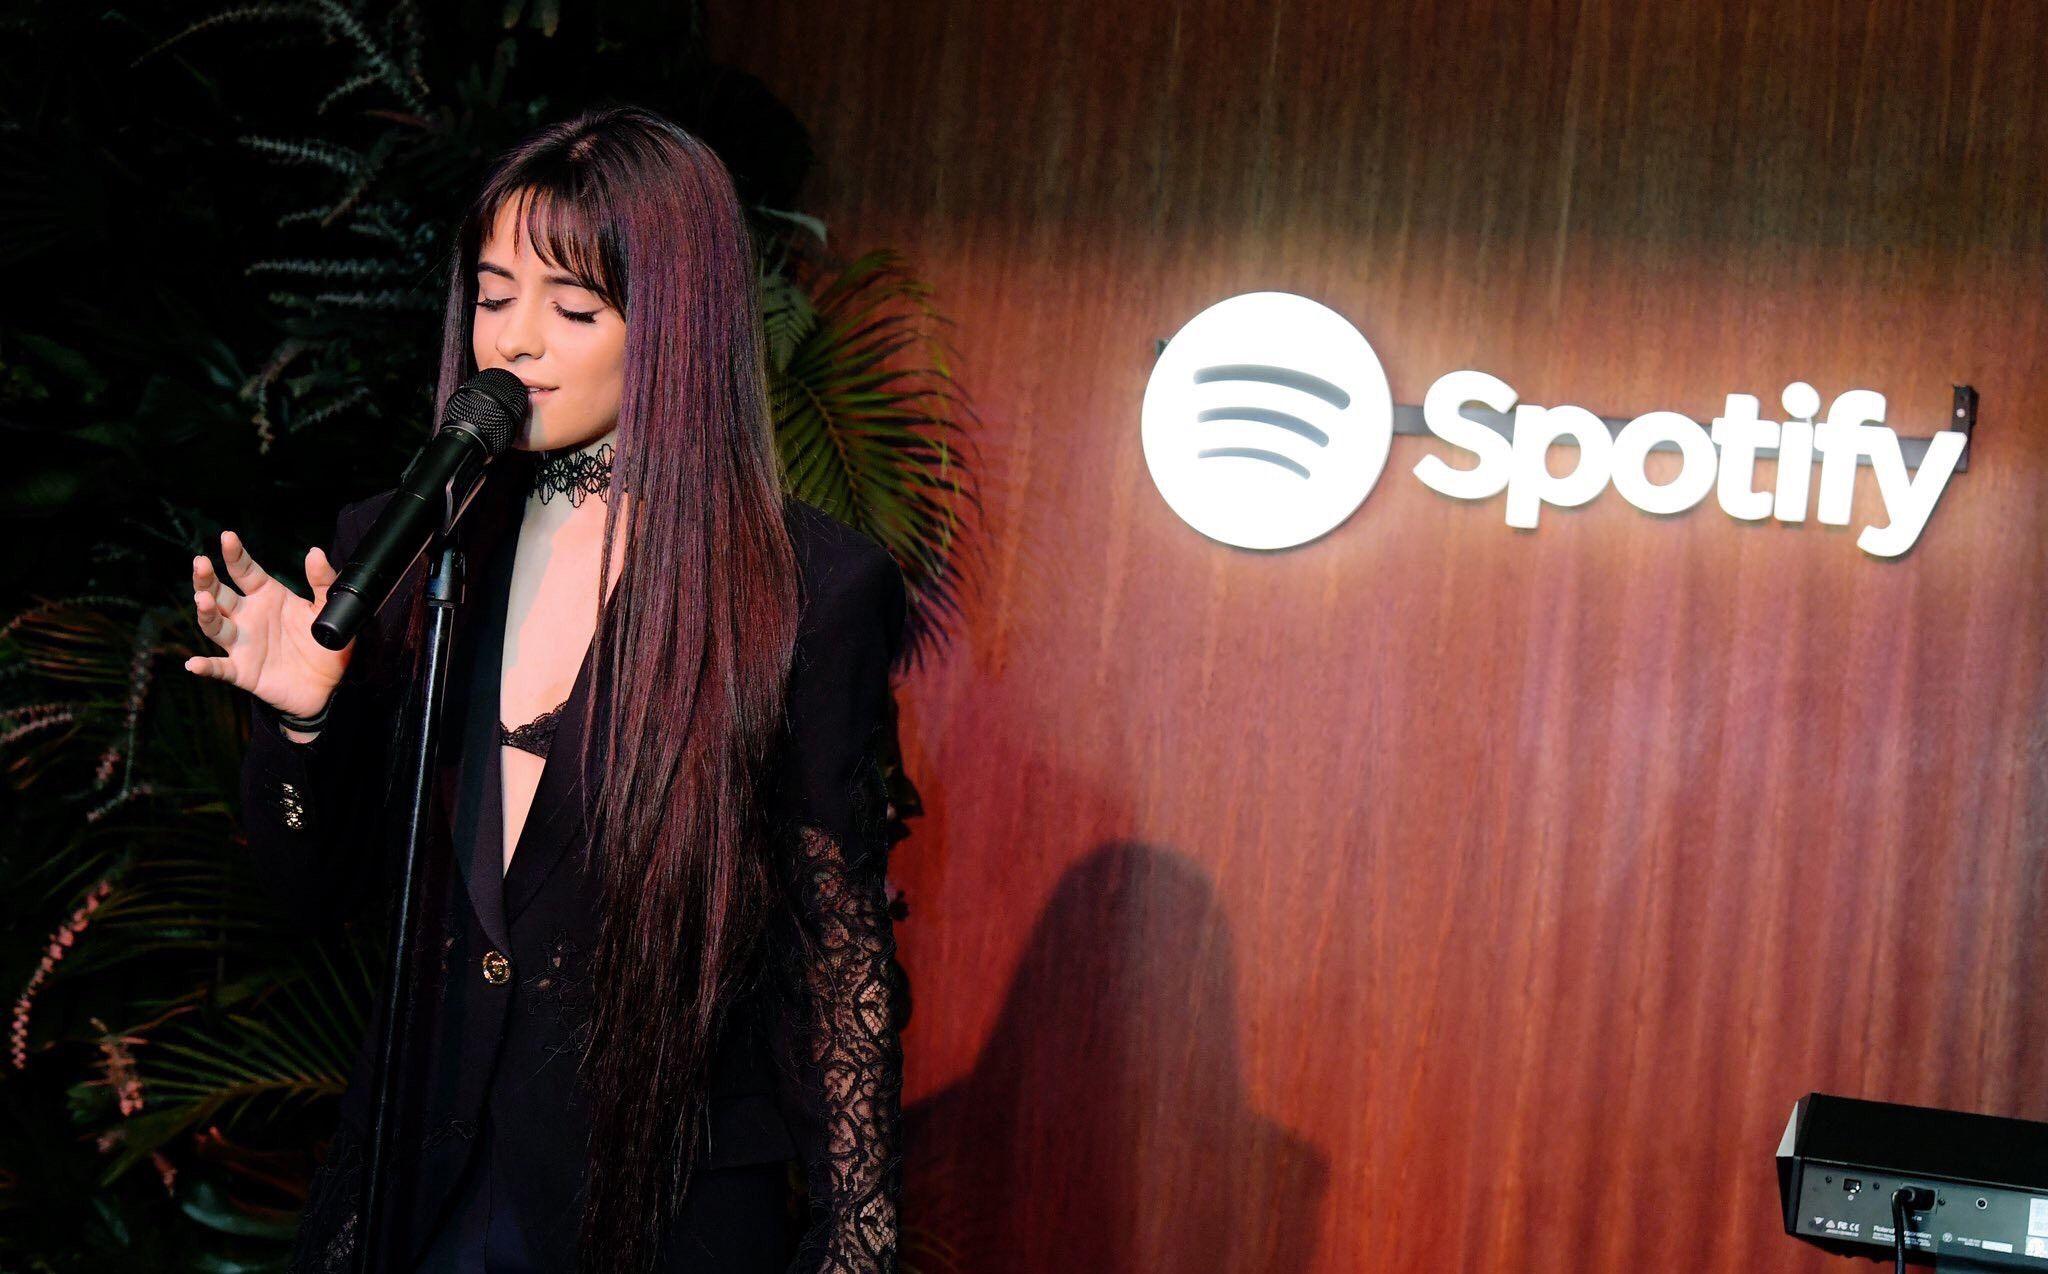 CamilaCabello卡妹今日在洛杉矶参加Spotify活动